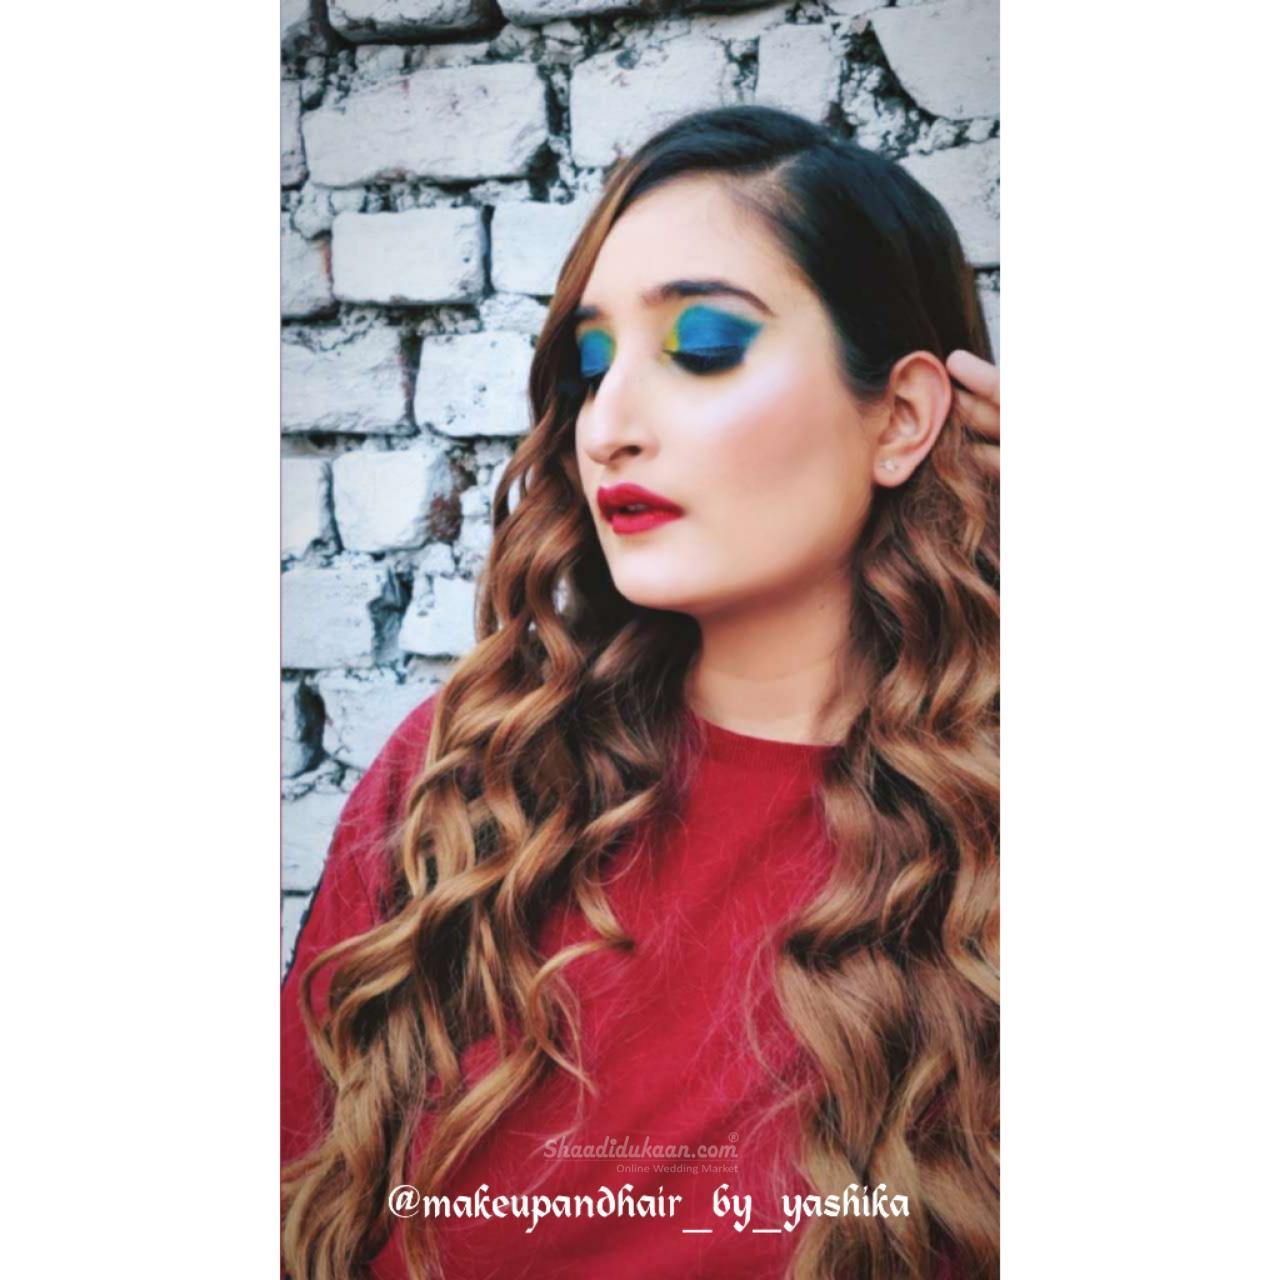 Makeup And Hair By Yashika Ahuja